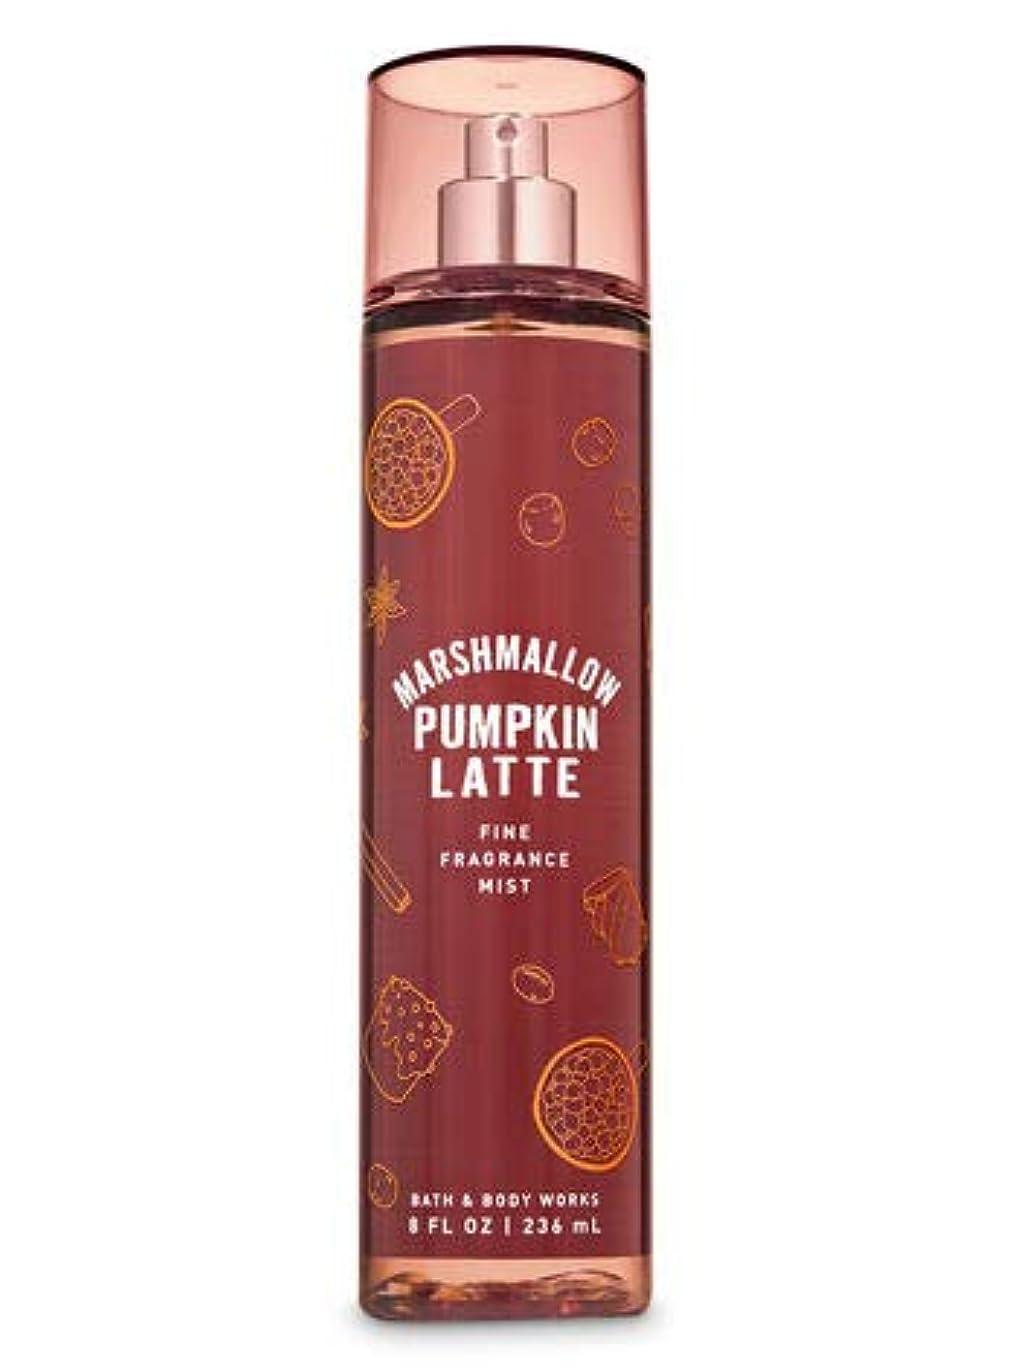 たくさんわずかな組【Bath&Body Works/バス&ボディワークス】 ファインフレグランスミスト マシュマロパンプキンラテ Fine Fragrance Mist Marshmallow Pumpkin Latte 8oz (236ml) [並行輸入品]